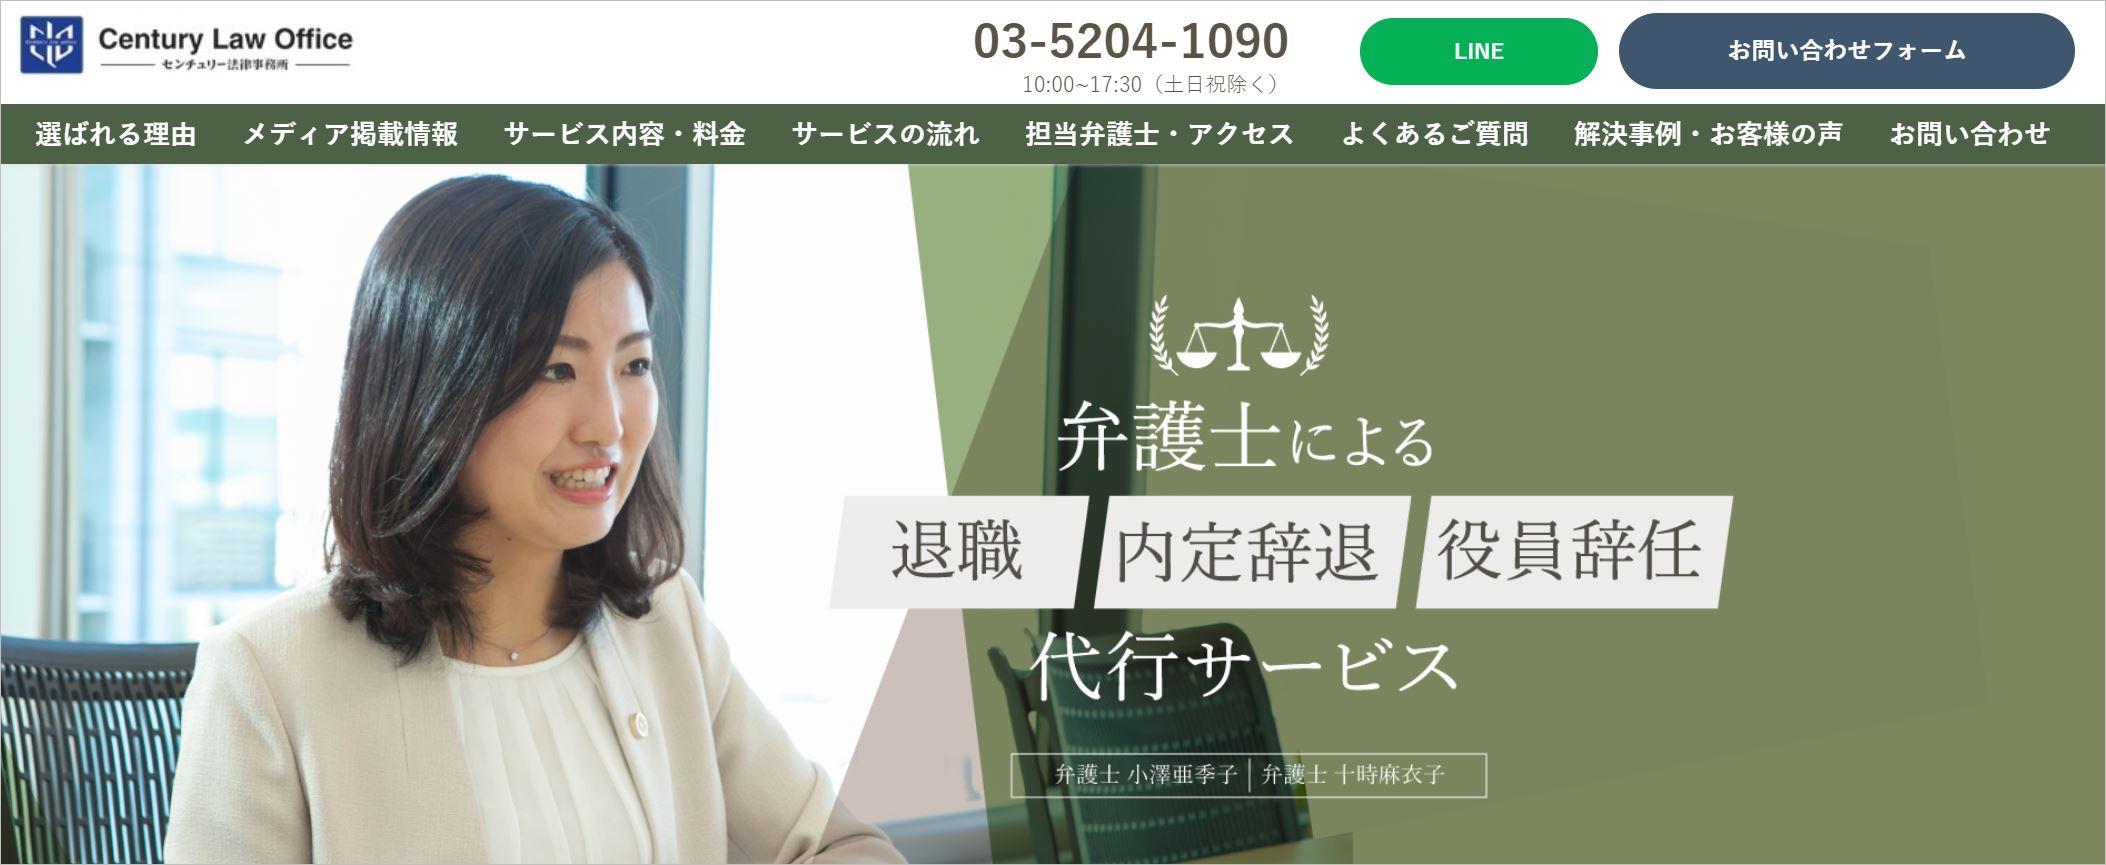 センチュリー法律事務所のトップ画面